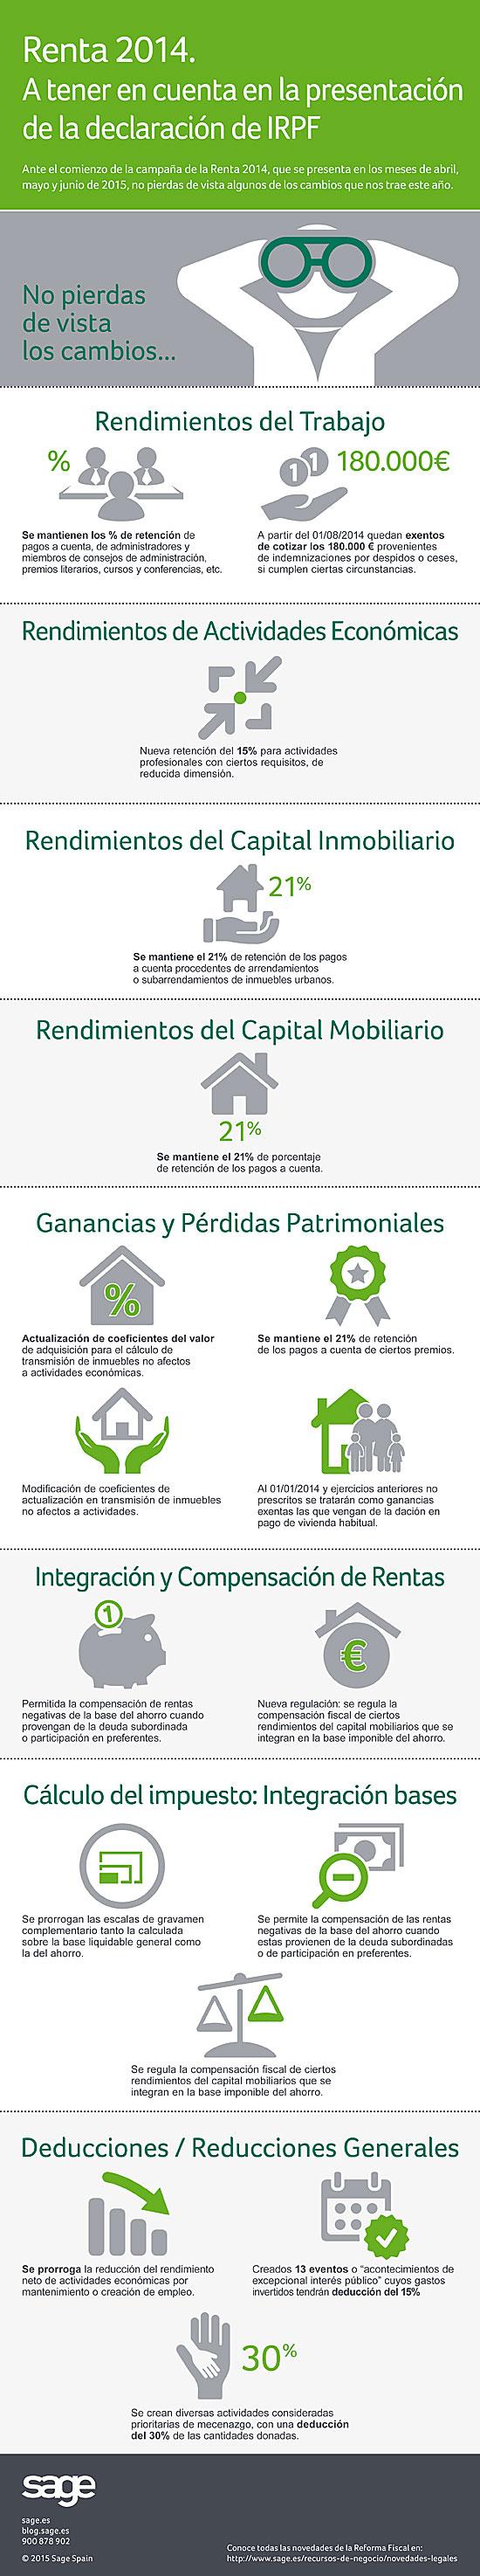 Renta2014_Novedades_Infografia_550